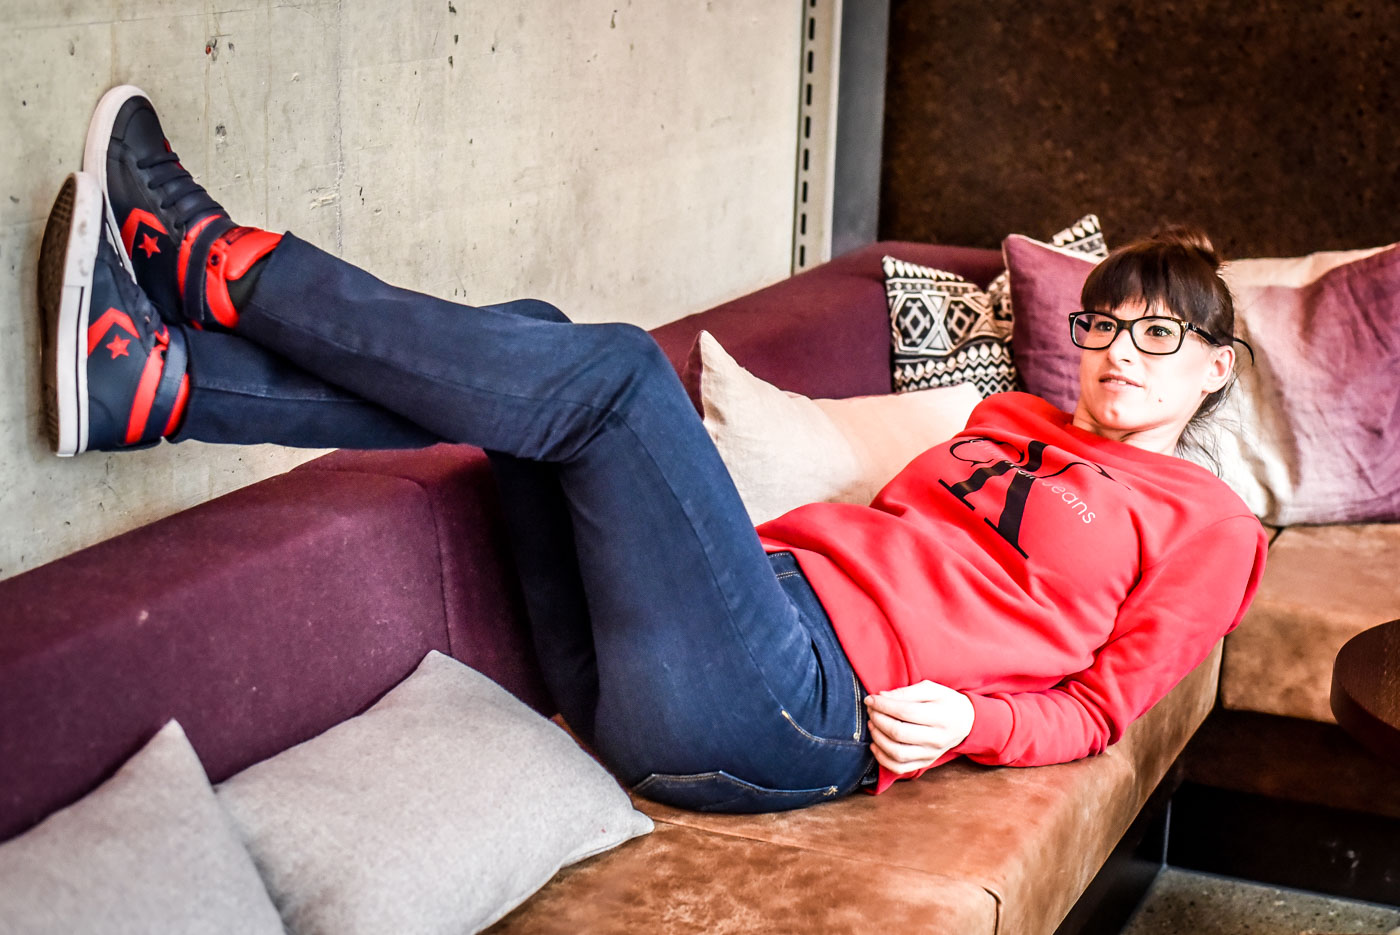 Jeans von Crossjeans, Sweater Tango red von Calvin Klein, Sneakers von Convers all star